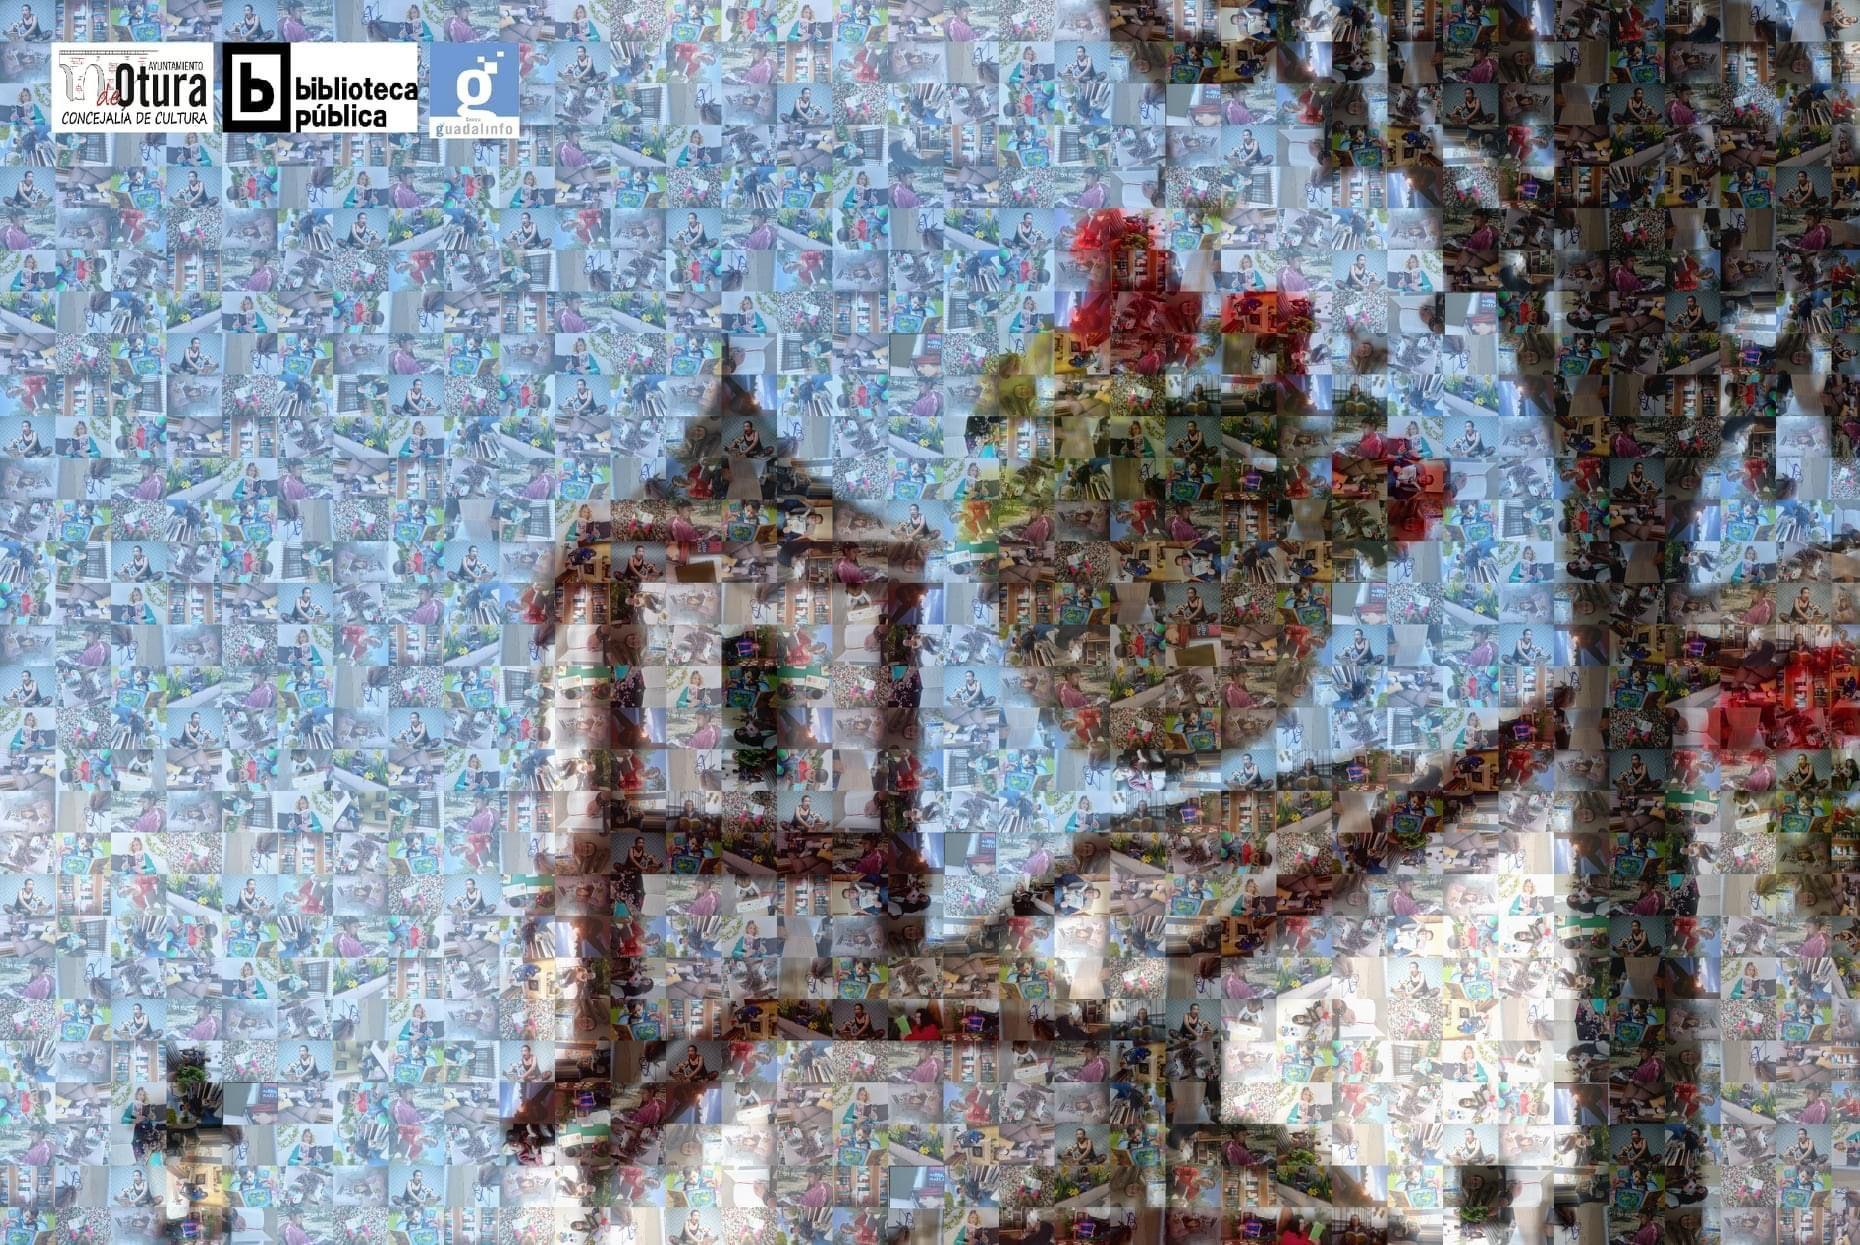 Otura confecciona un enorme 'puzle lector' con más de cien fotos de sus vecinos leyendo